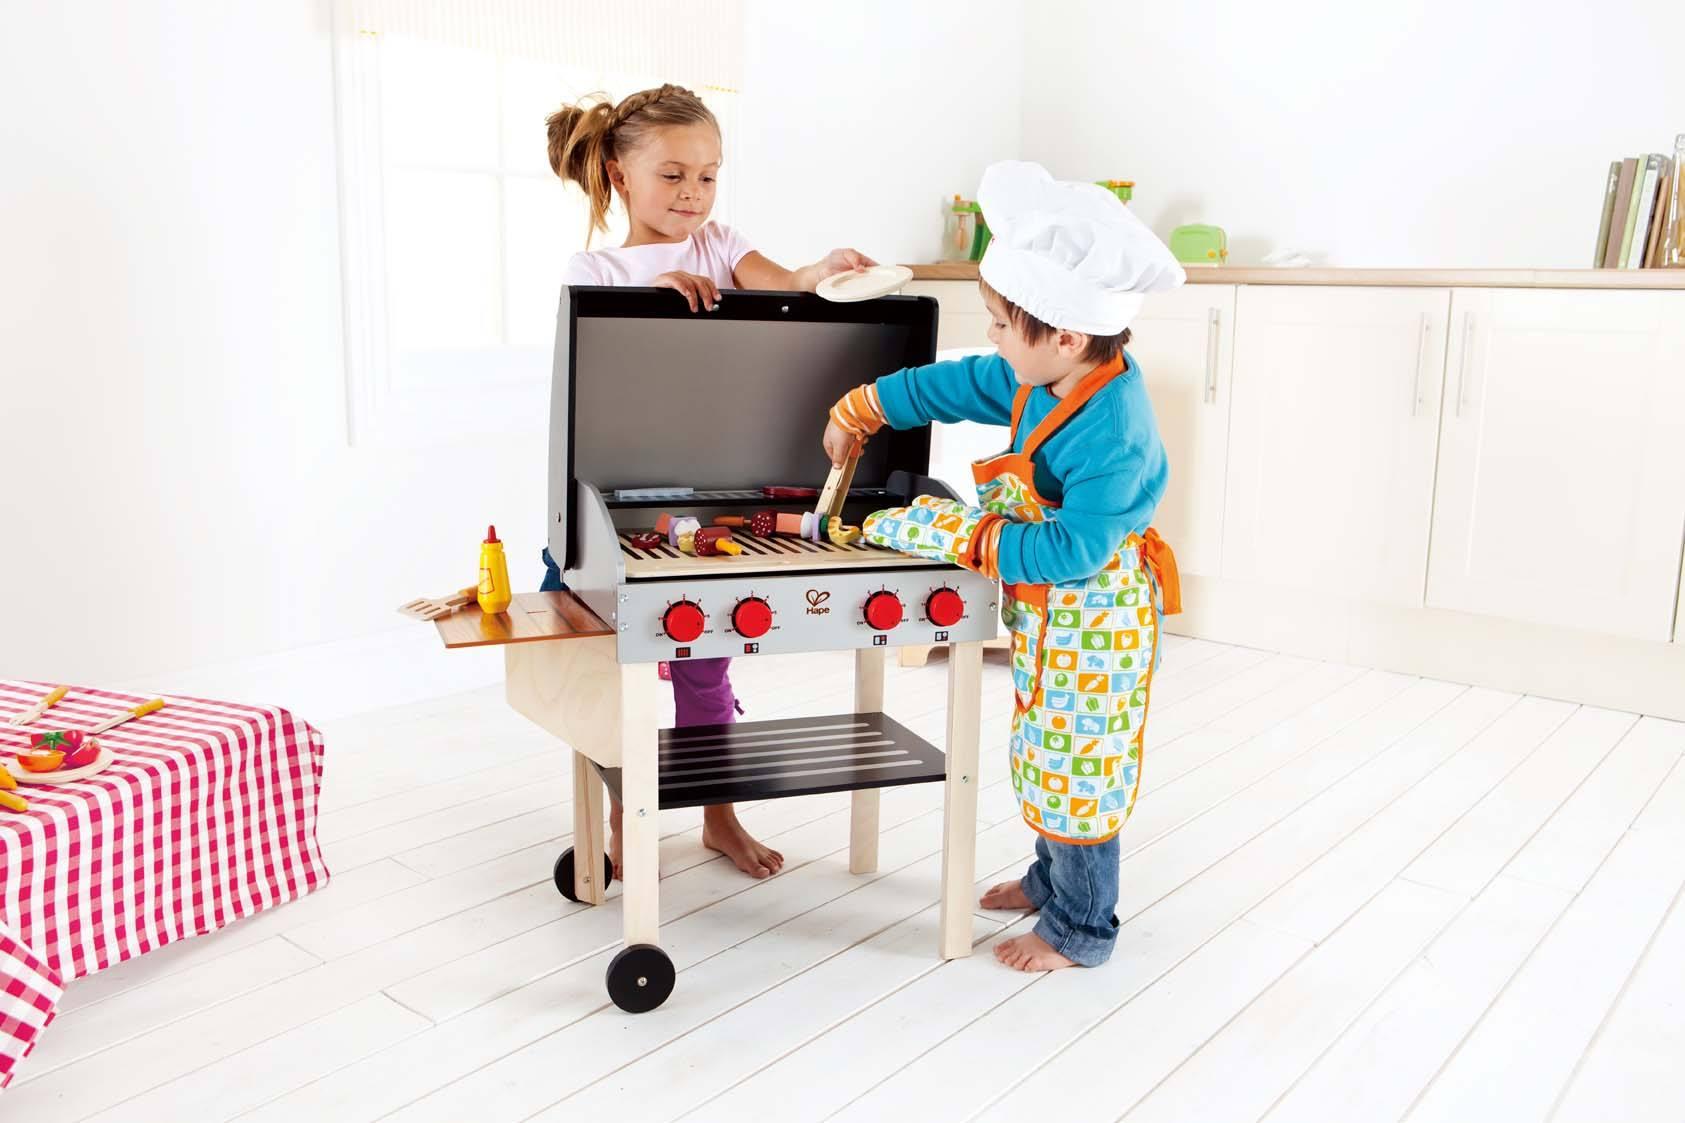 Spielküche, Griller, Ostern, Ostergeschenke für Kinder, Geschenkideen, Osterfest, 9020 Klagenfurt am Wörthersee